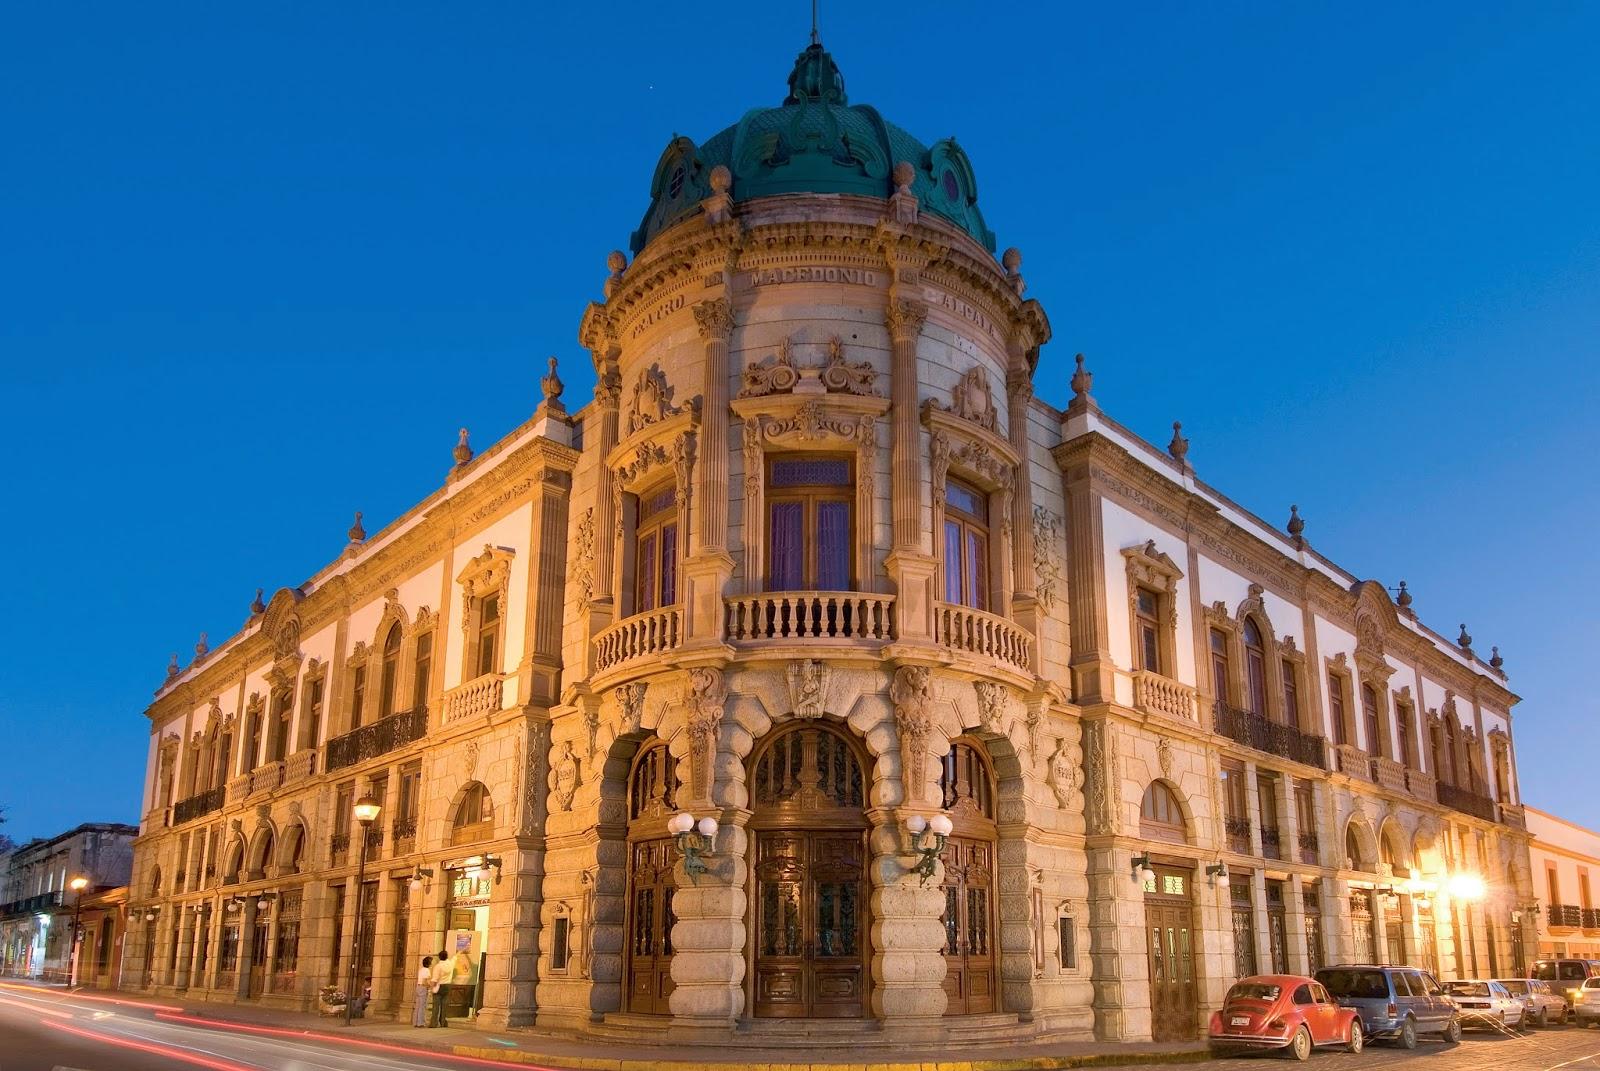 Turismo en la ciudad de oaxaca fiestas y tradiciones for El tiempo en la joya antequera